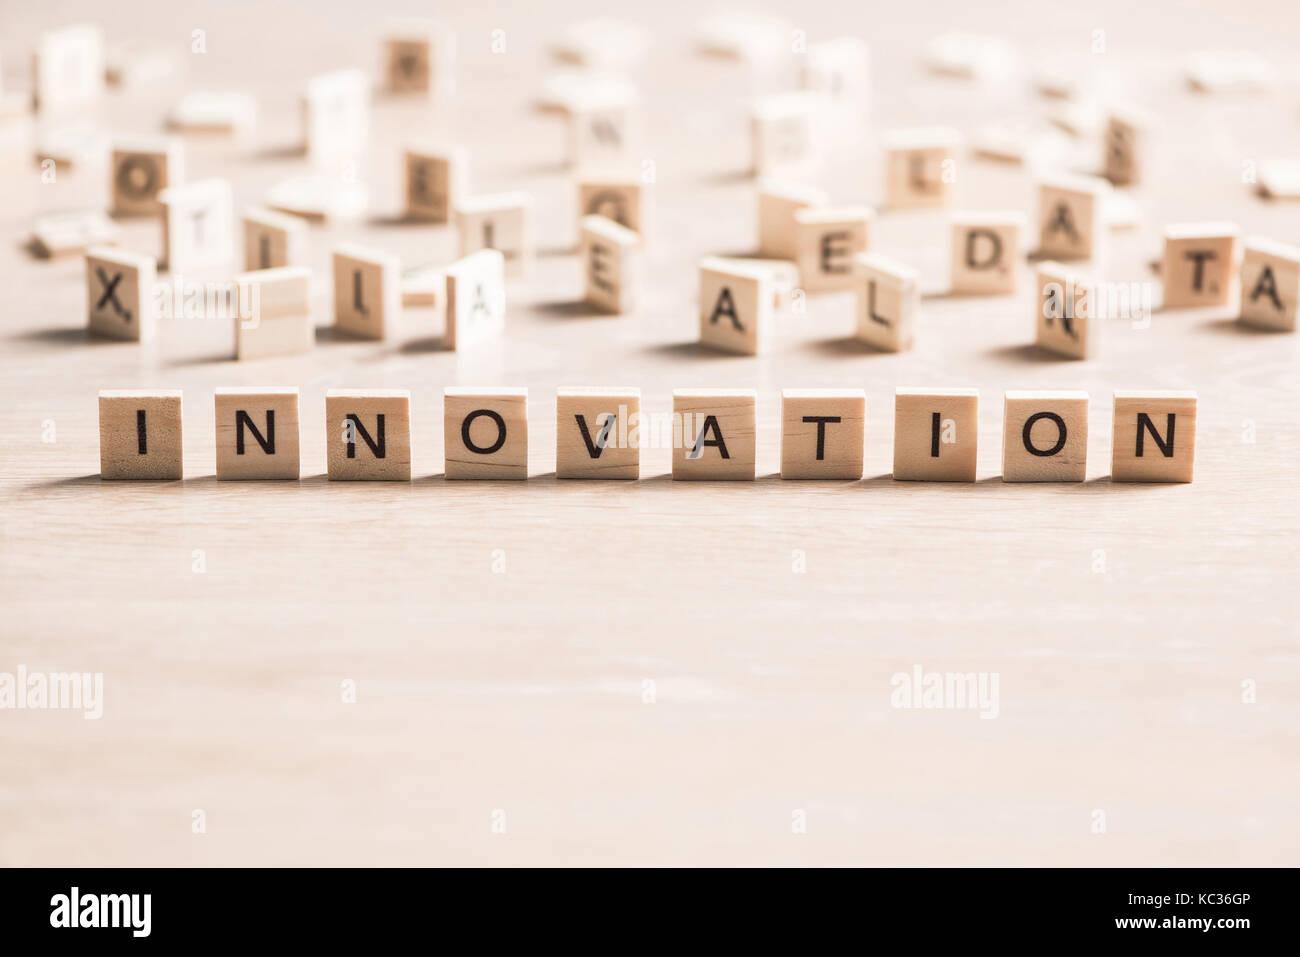 L'innovazione a scrabble word Immagini Stock